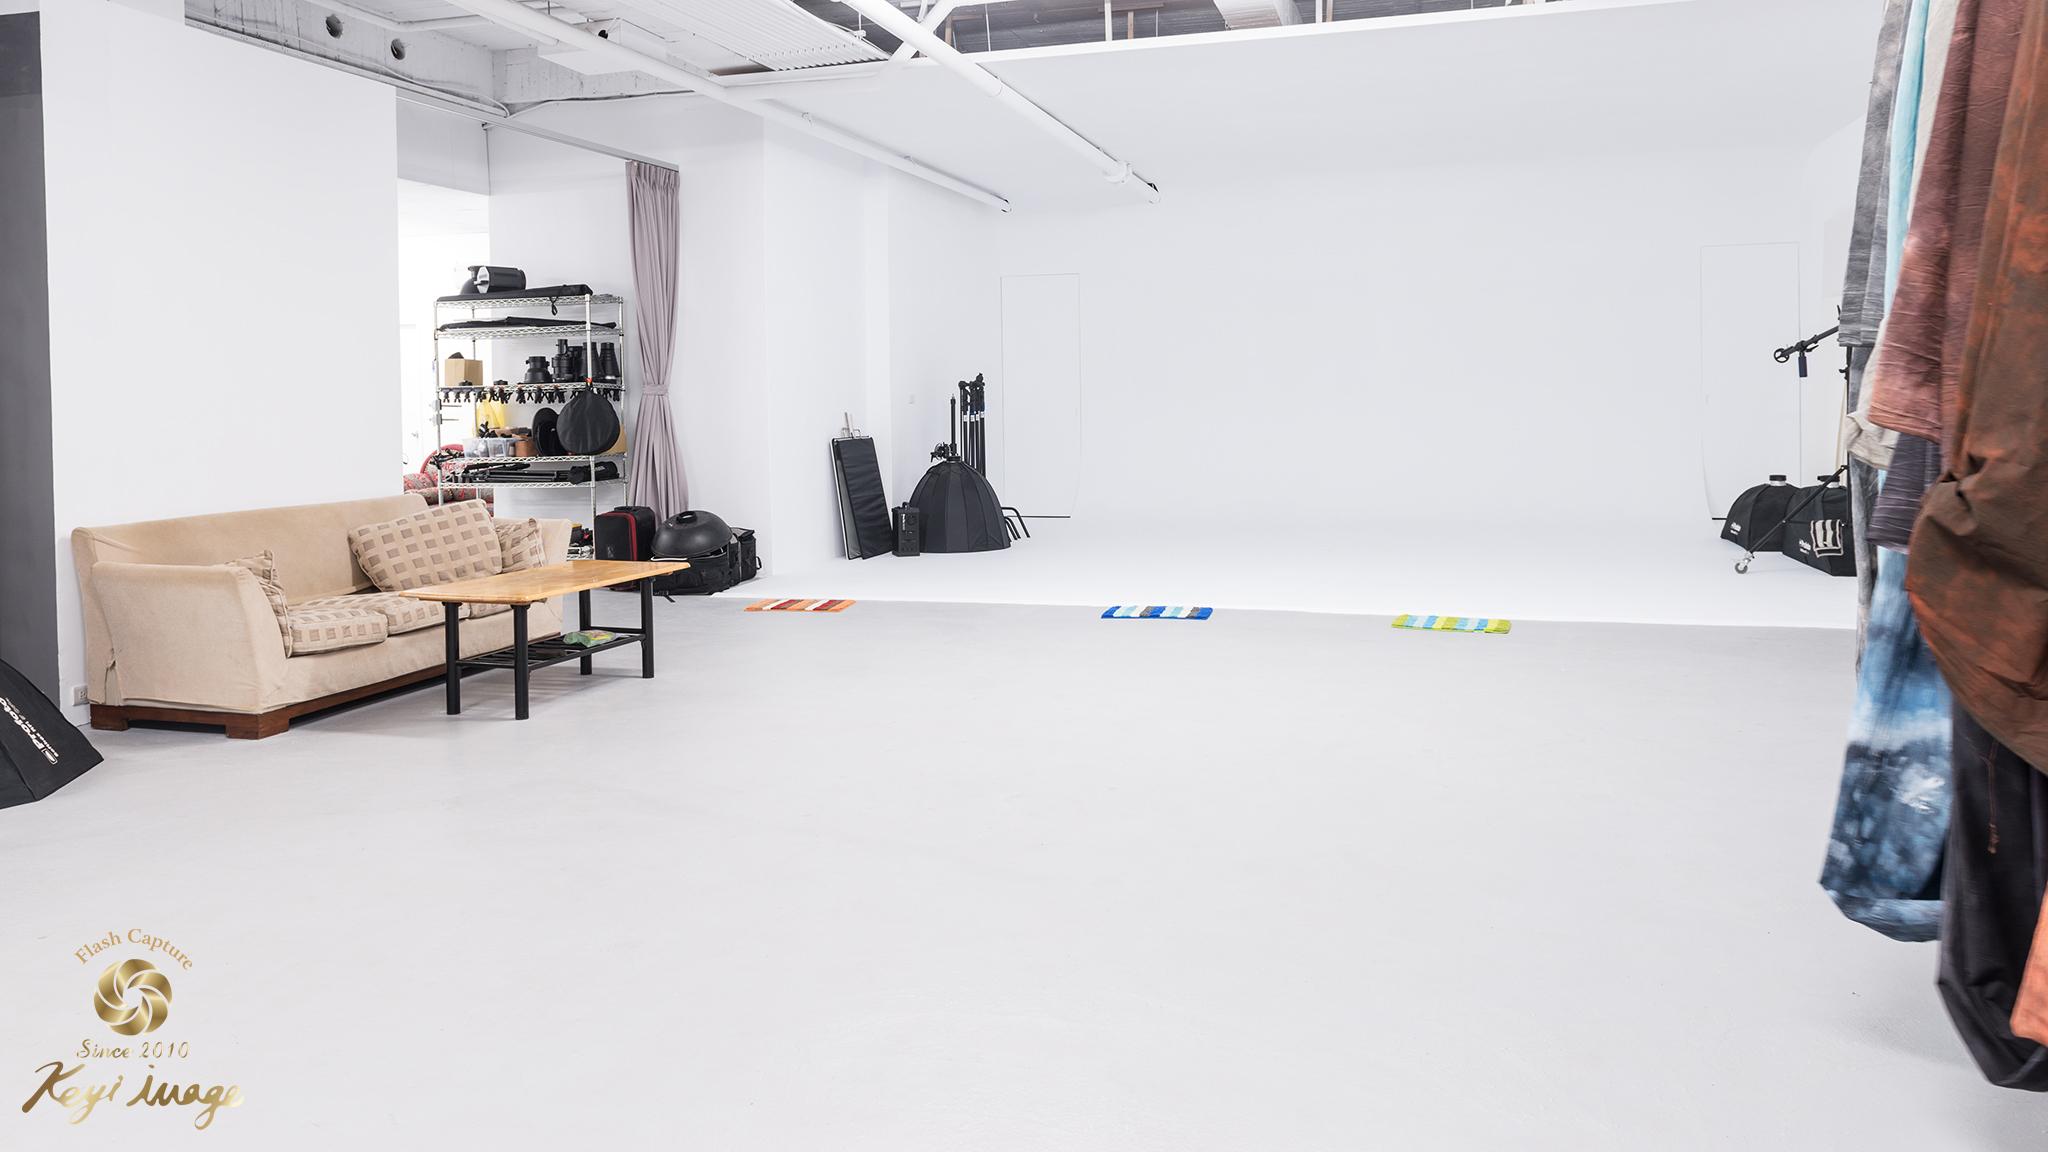 科益影像工作室